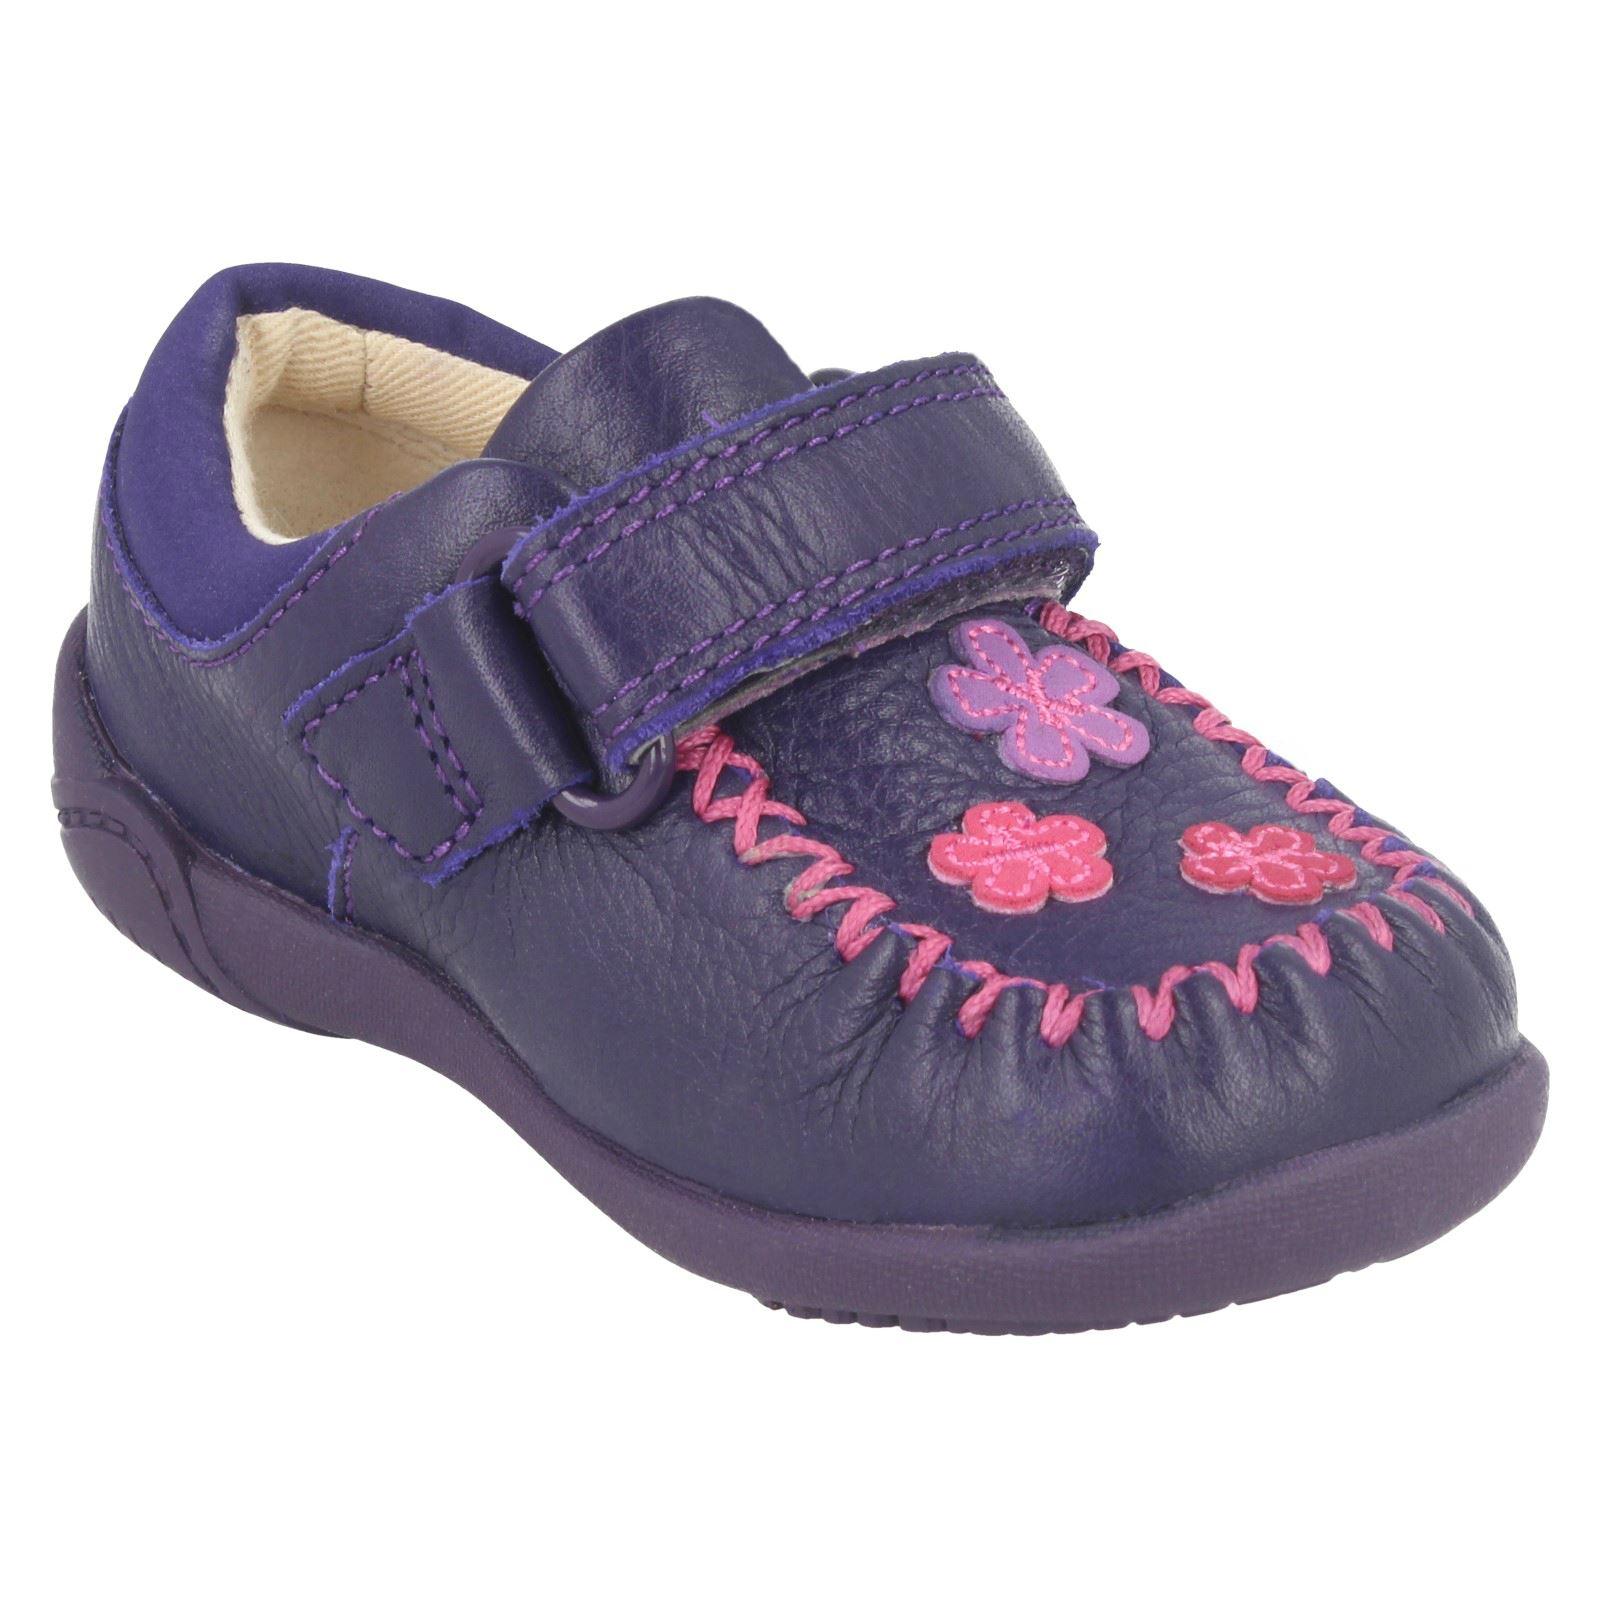 Litzy Niñas Casual Clarks Shoes Purple Evie 400Z7wqW